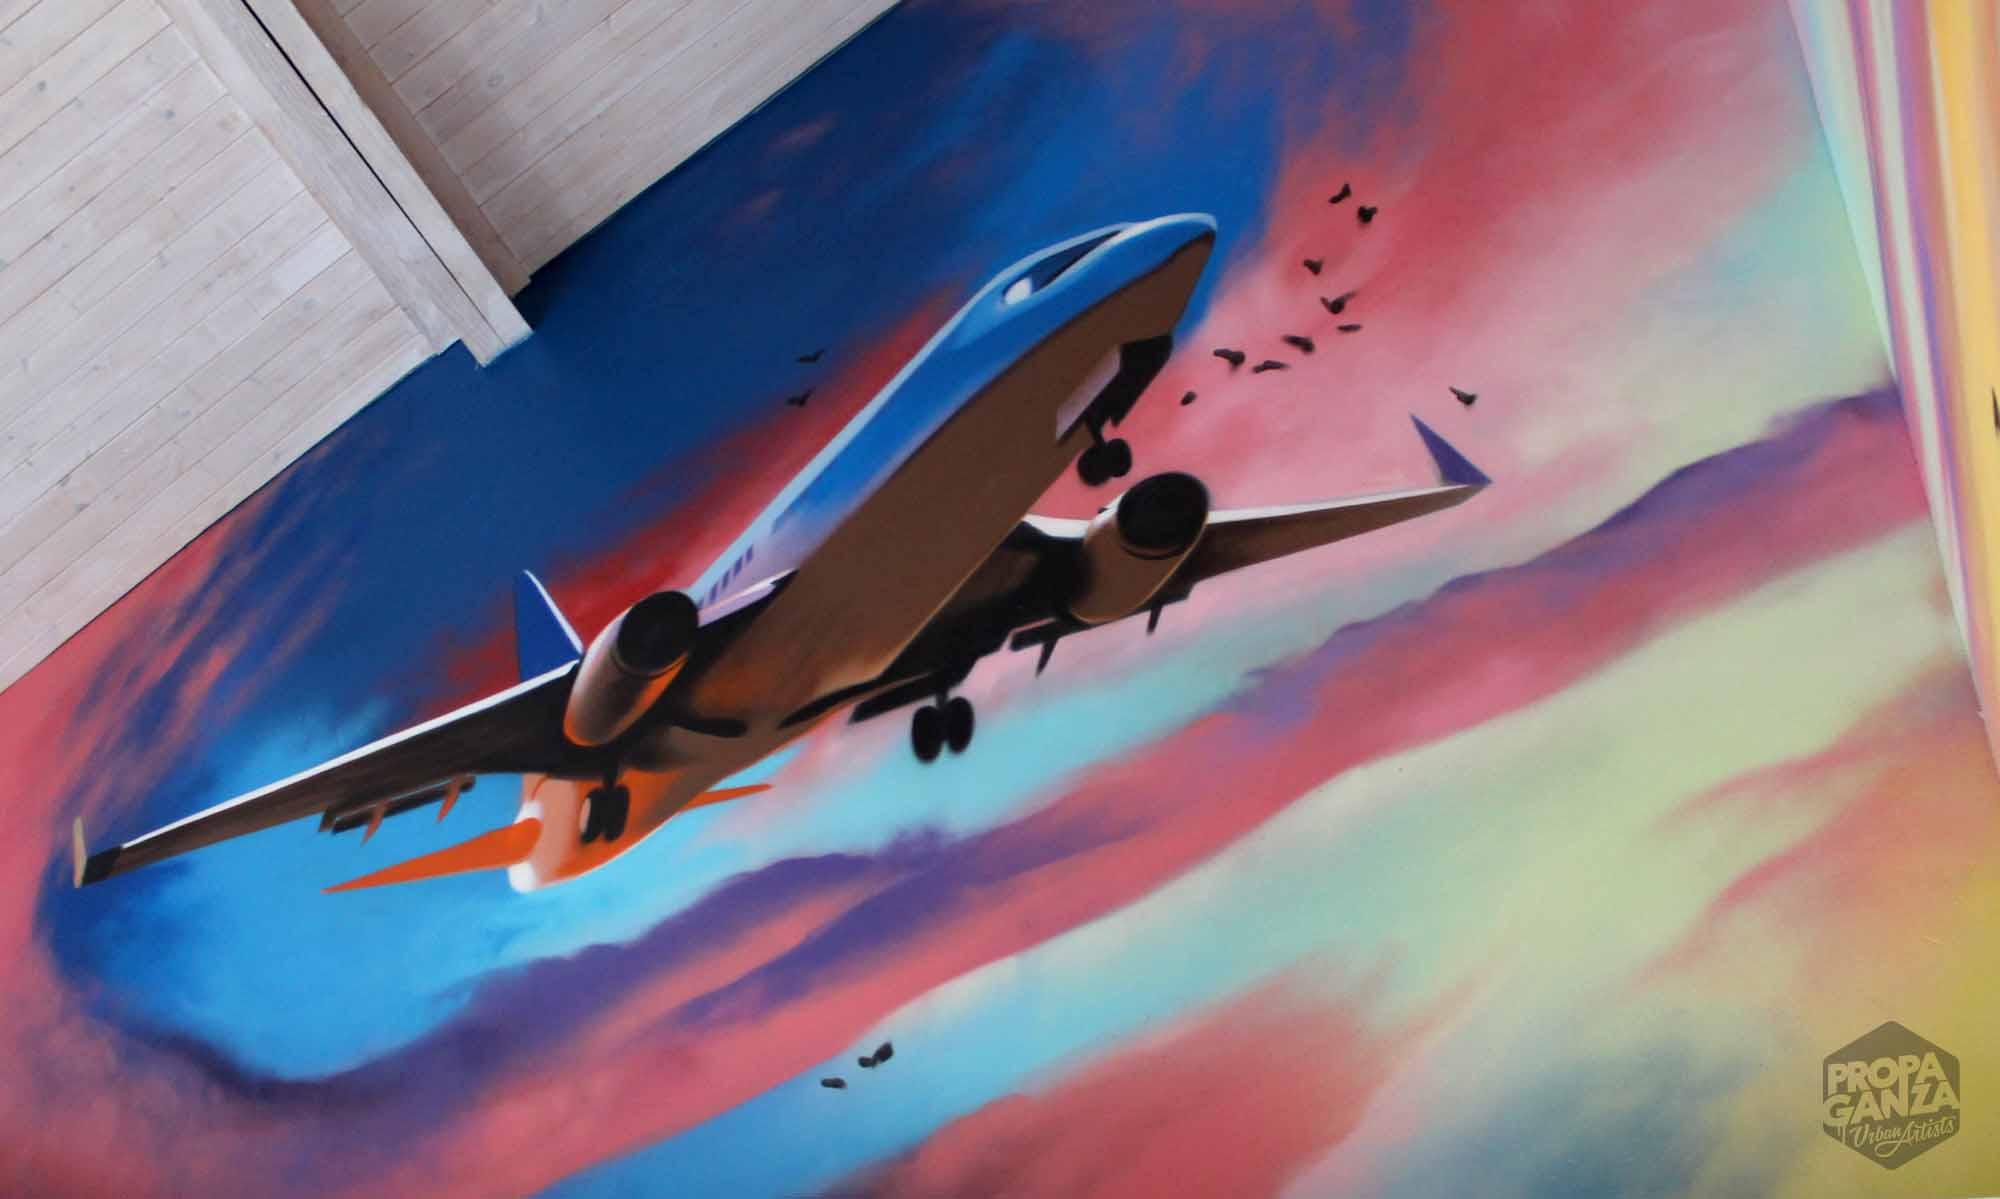 https://www.propaganza.be/wp-content/uploads/2019/04/propaganza-urban-artist-belgium-belgique-graffiti-graff-street-art-spray-paint-belgique-bart-smeets-smates-cuba-plane-clouds.jpg